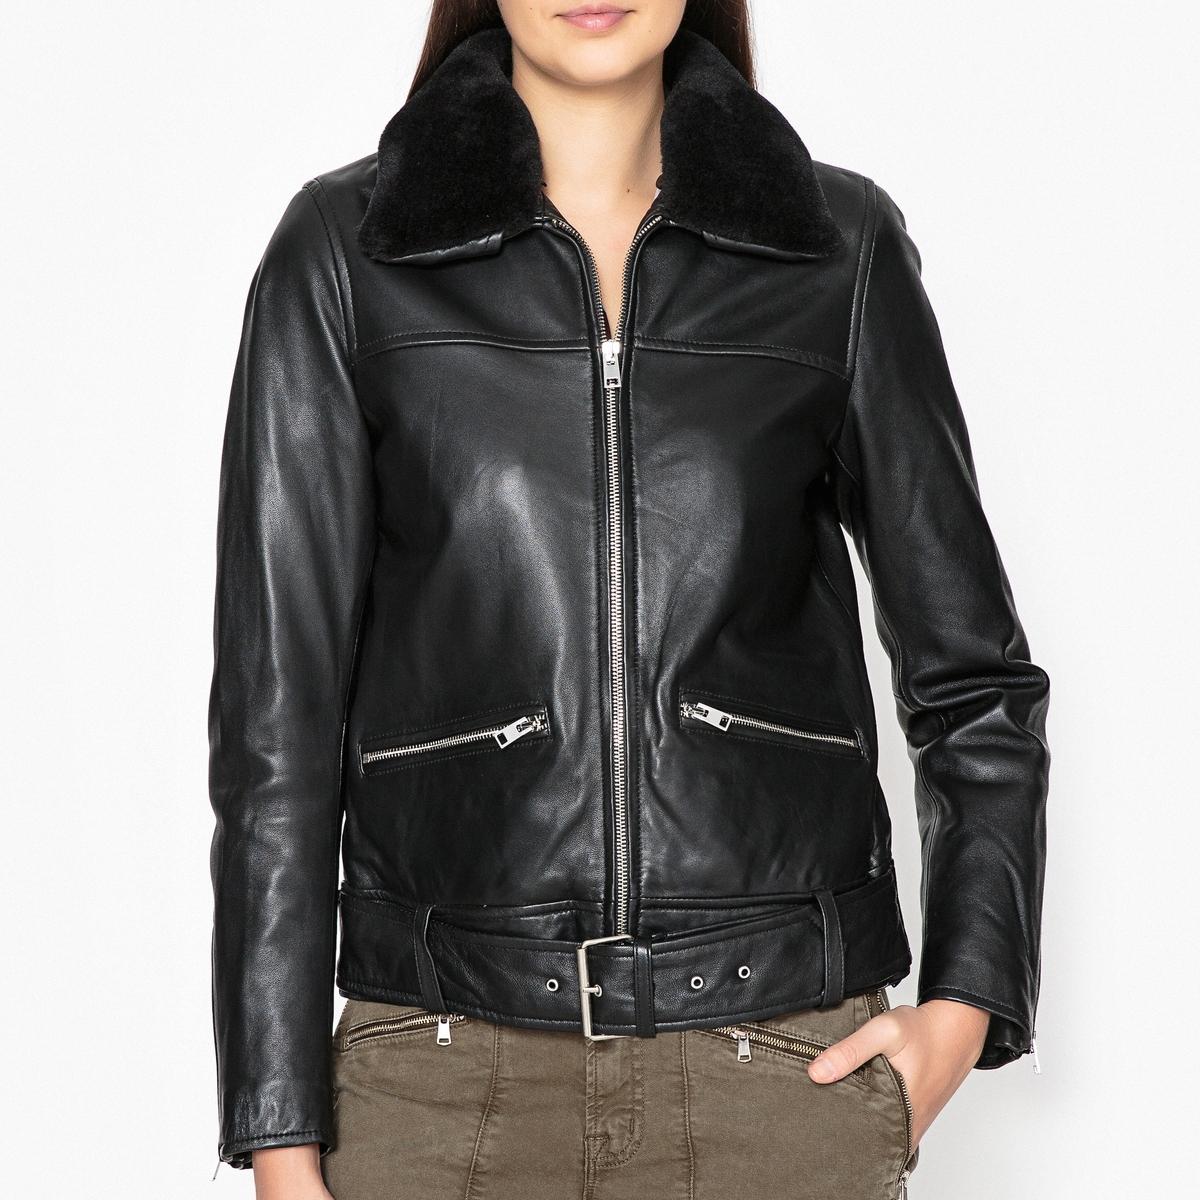 Блузон кожаный на молнии KART блузон кожаный